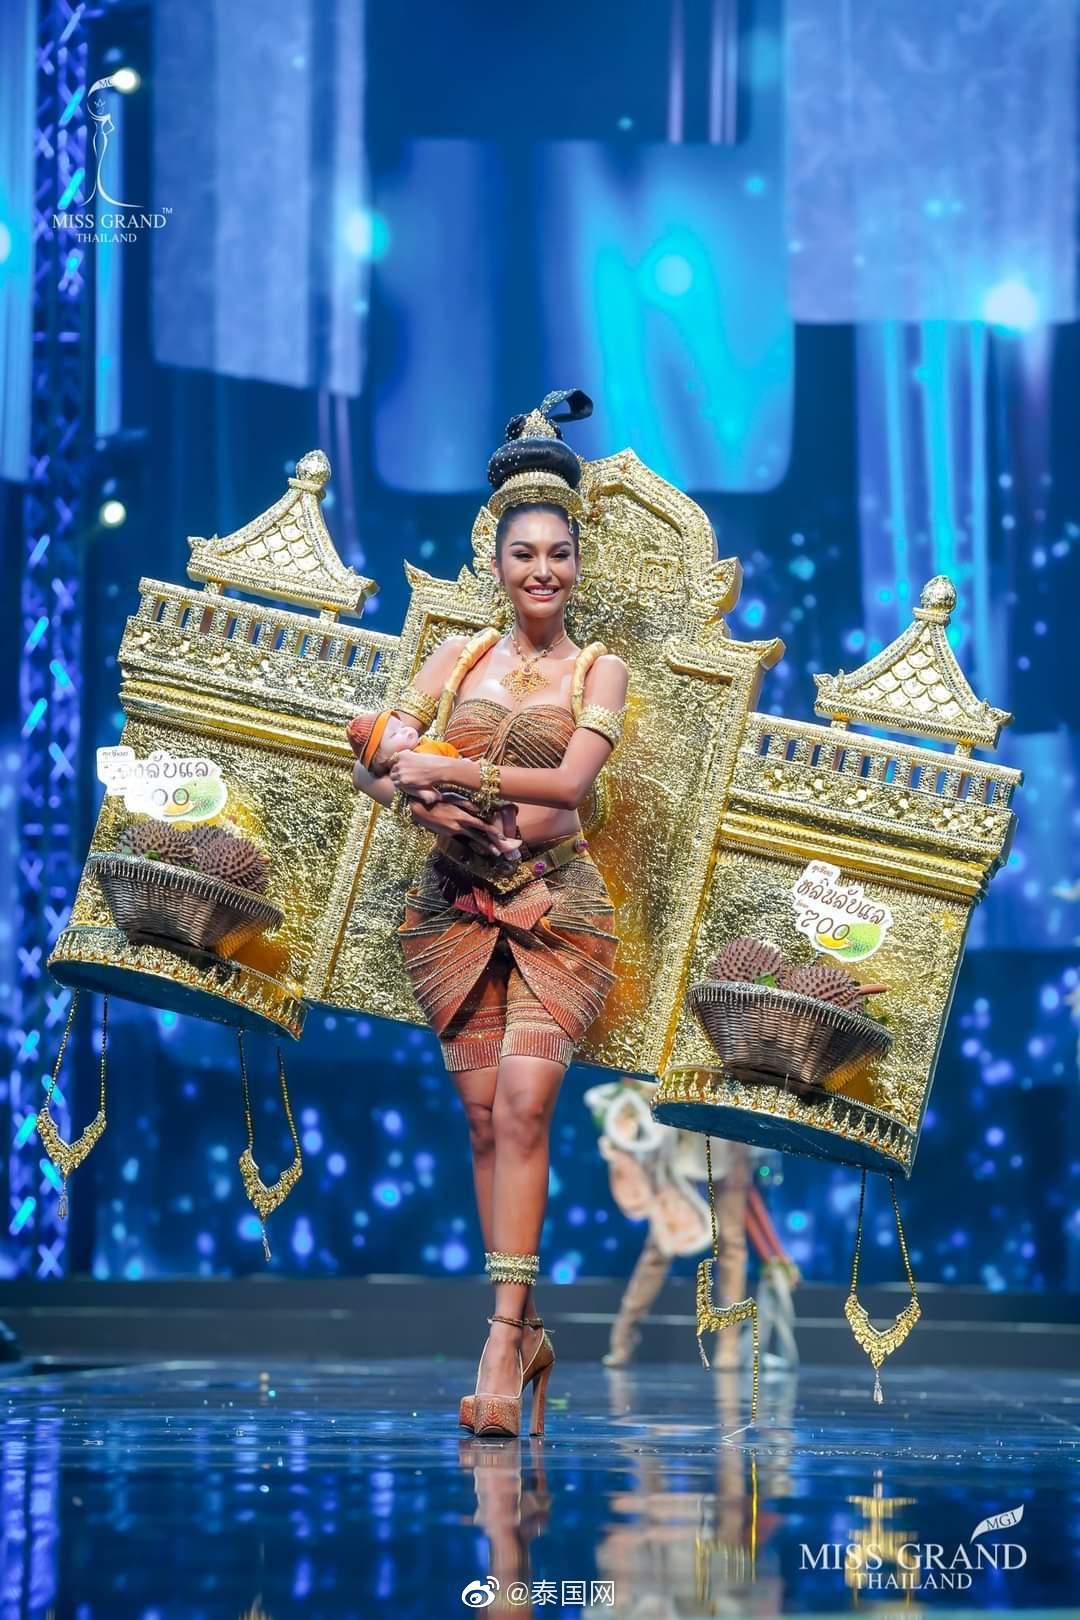 泰国miss grand thailand选美大赛佳丽国服秀第二弹,泰味十足(Cr